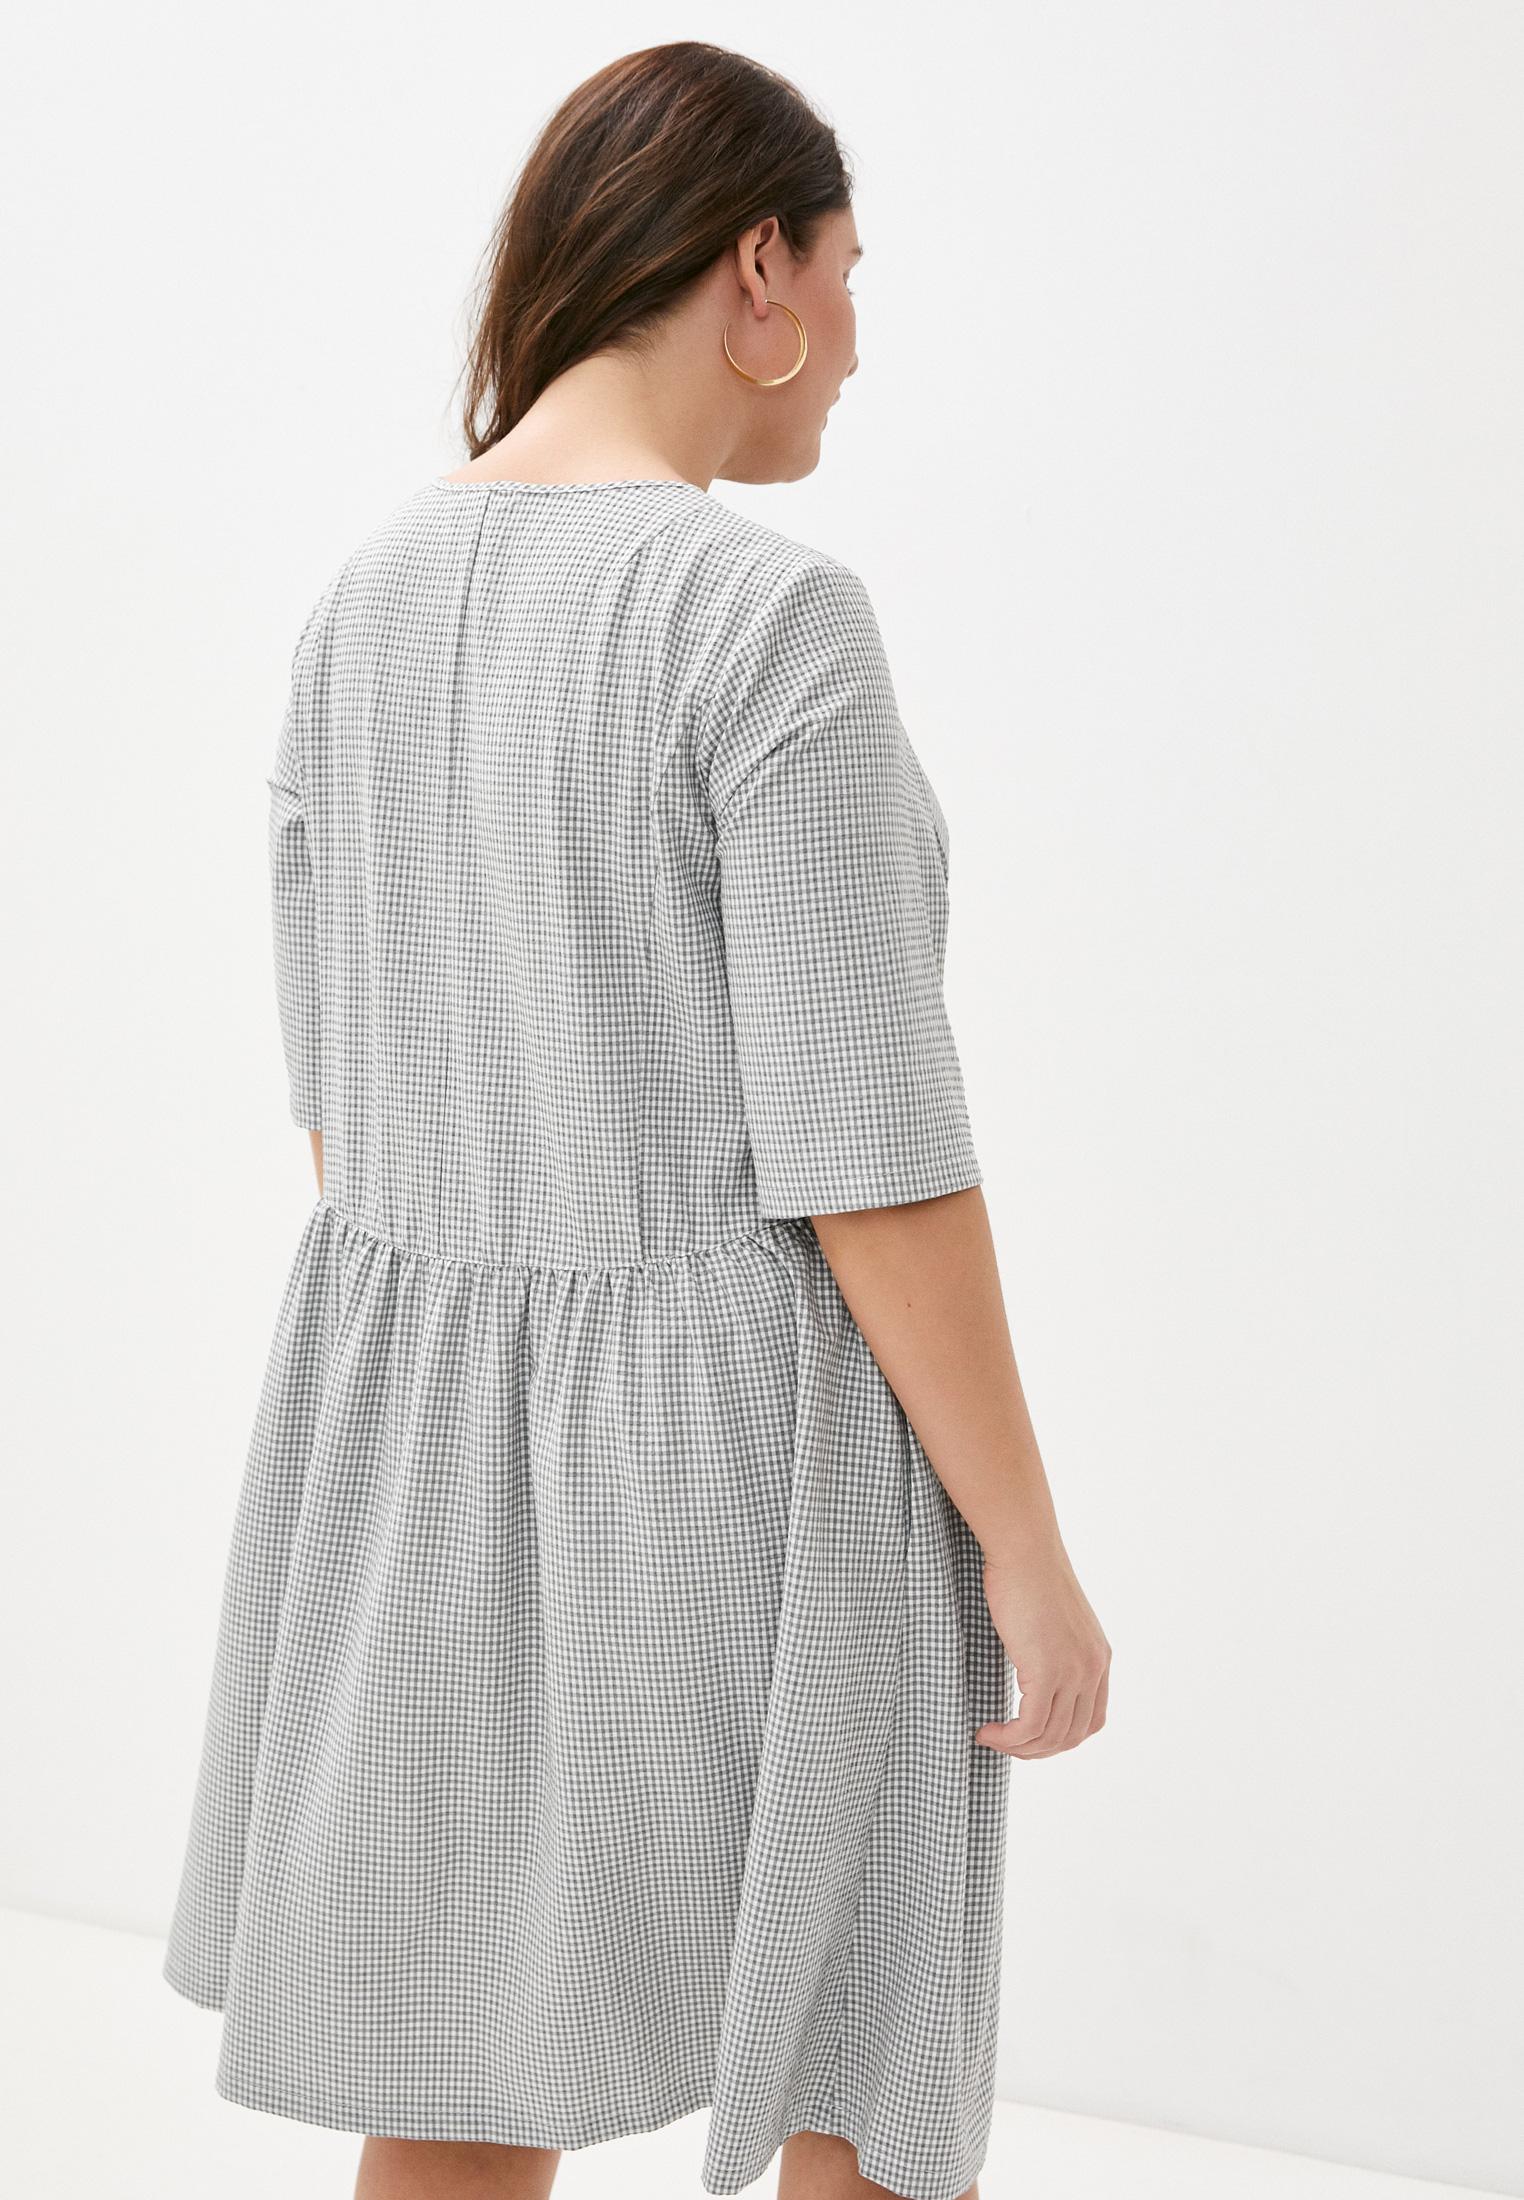 Повседневное платье Nataliy Beate Платье мод.519: изображение 4